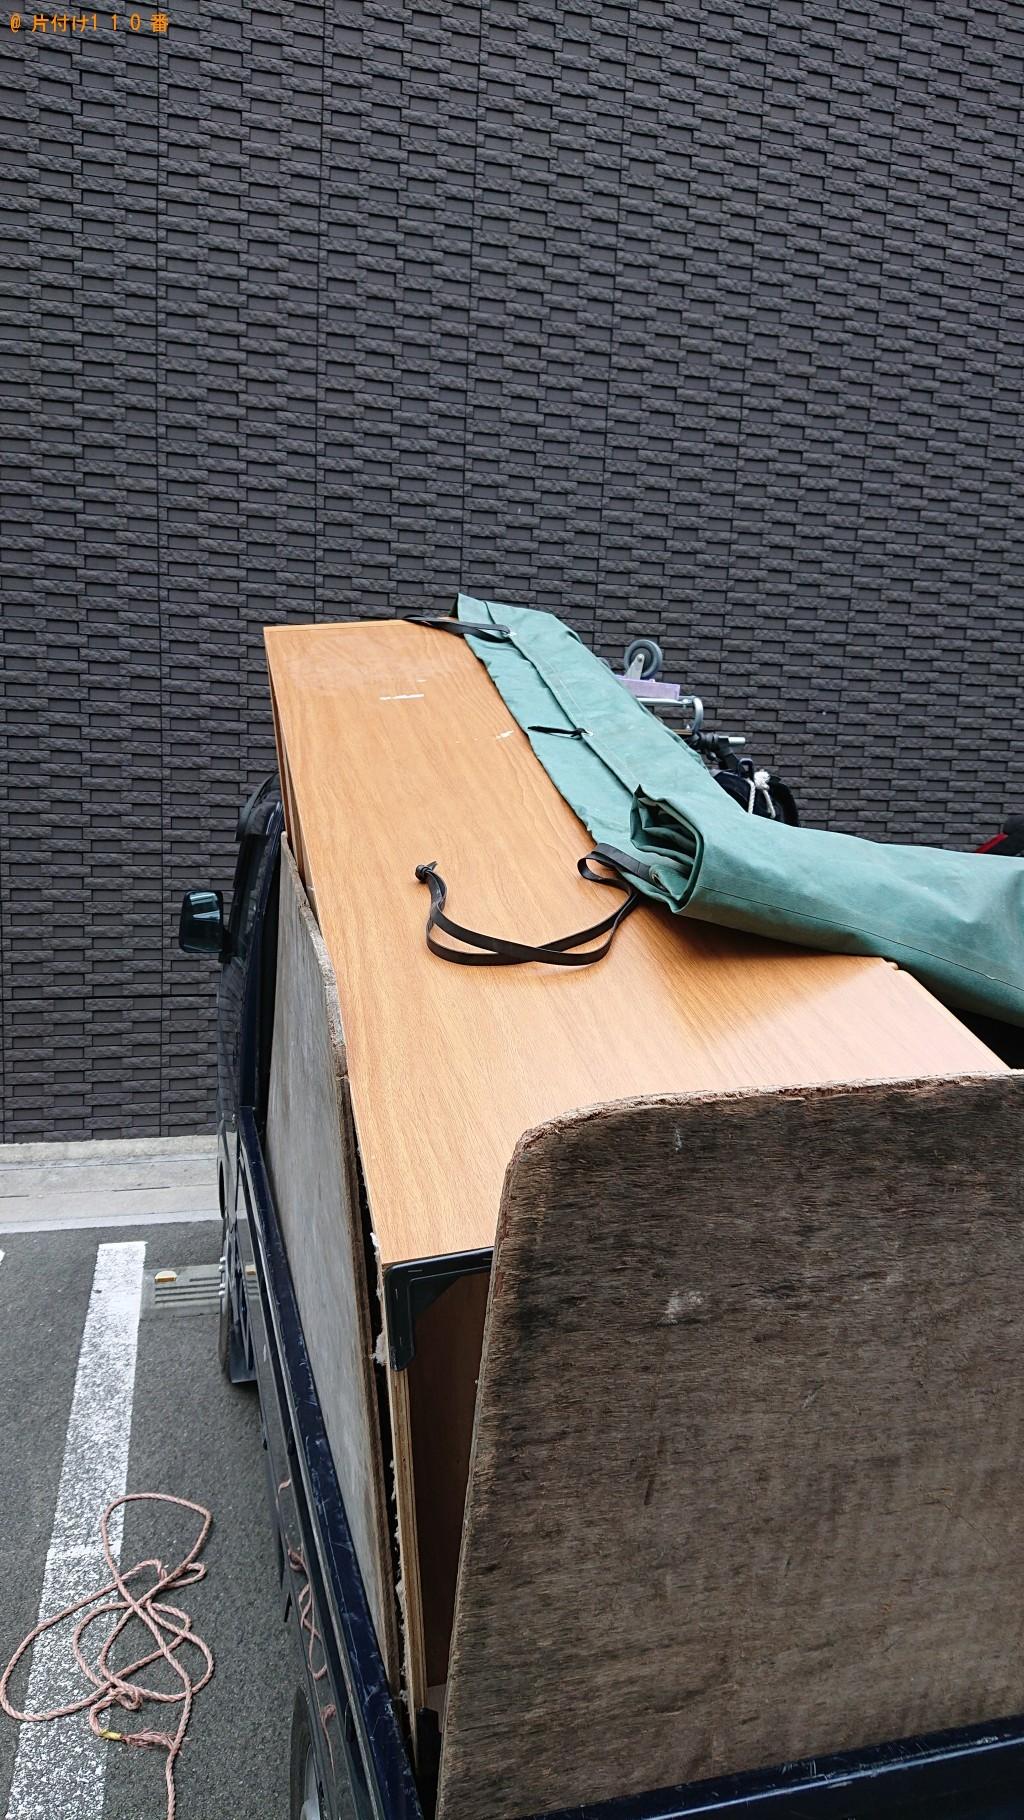 【大和郡山市】整理タンス1点の回収・処分 お客様の声